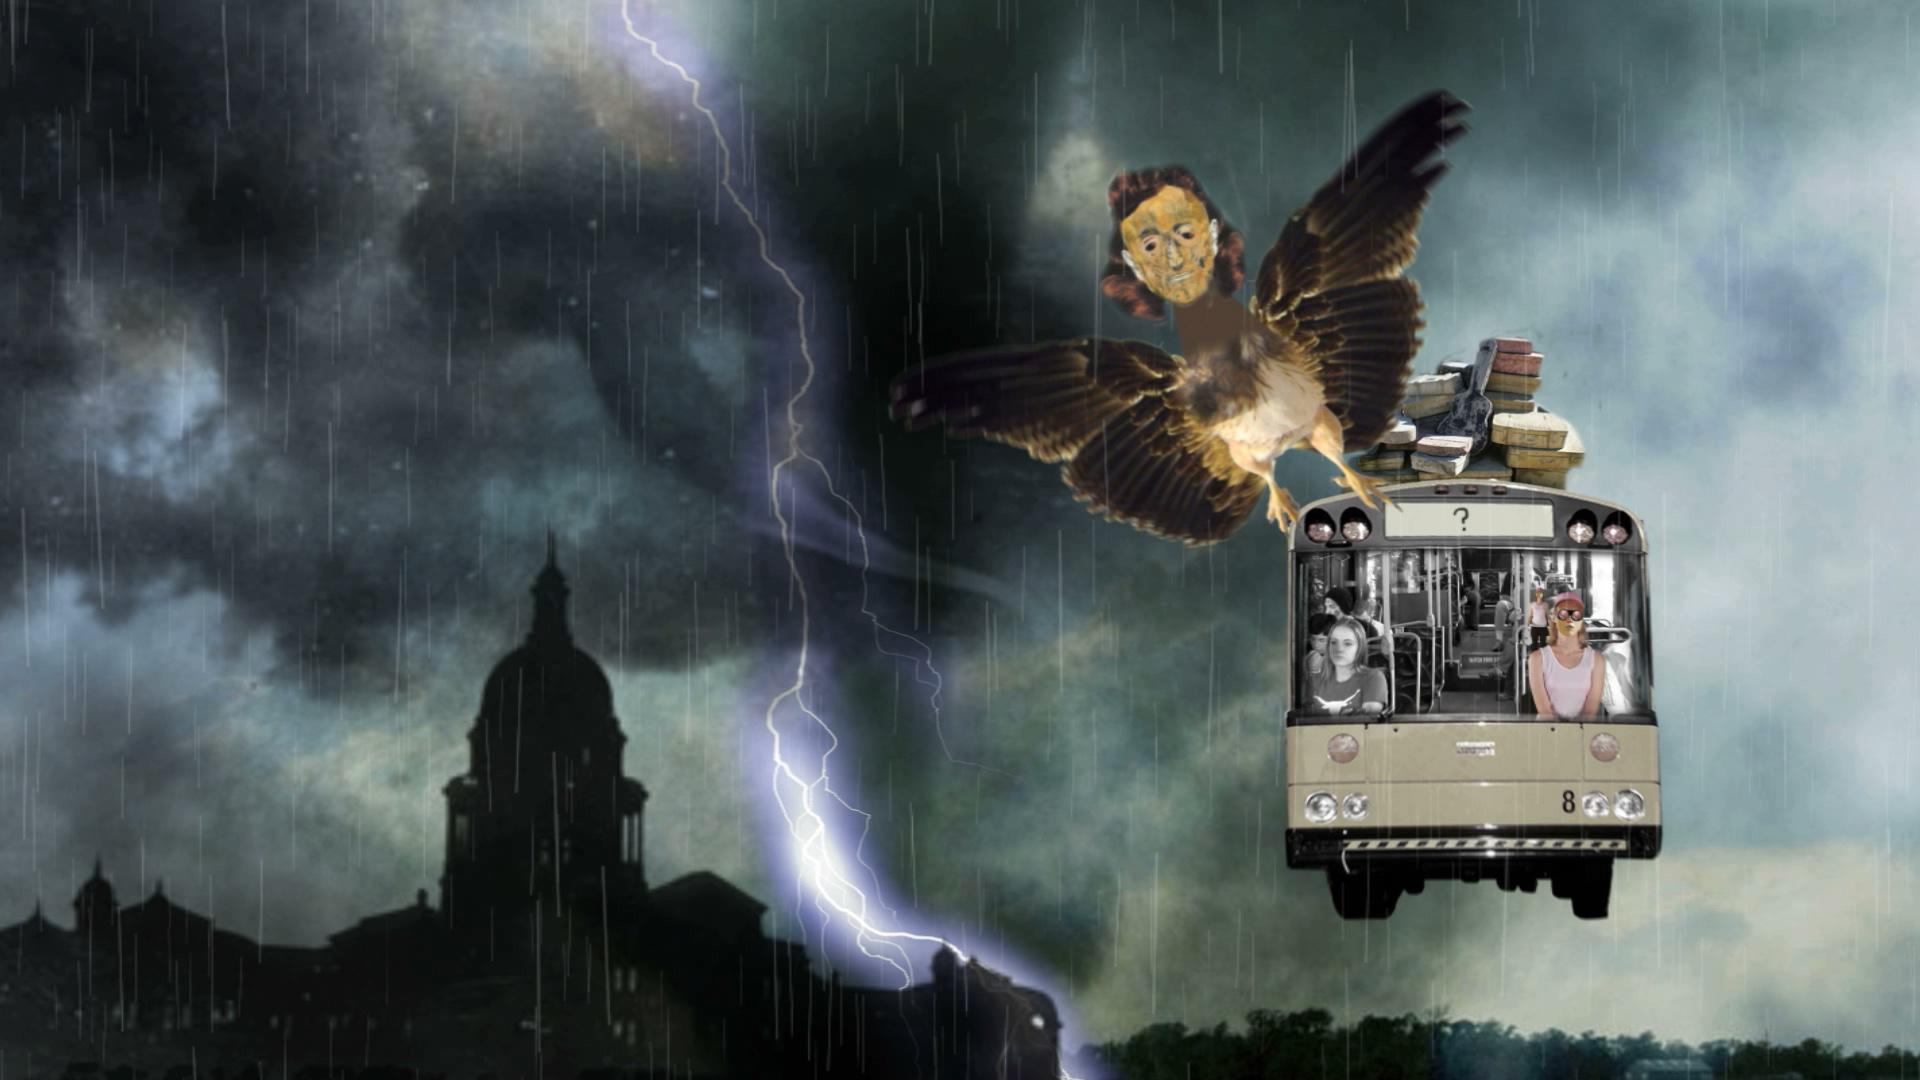 storm movie still.jpg